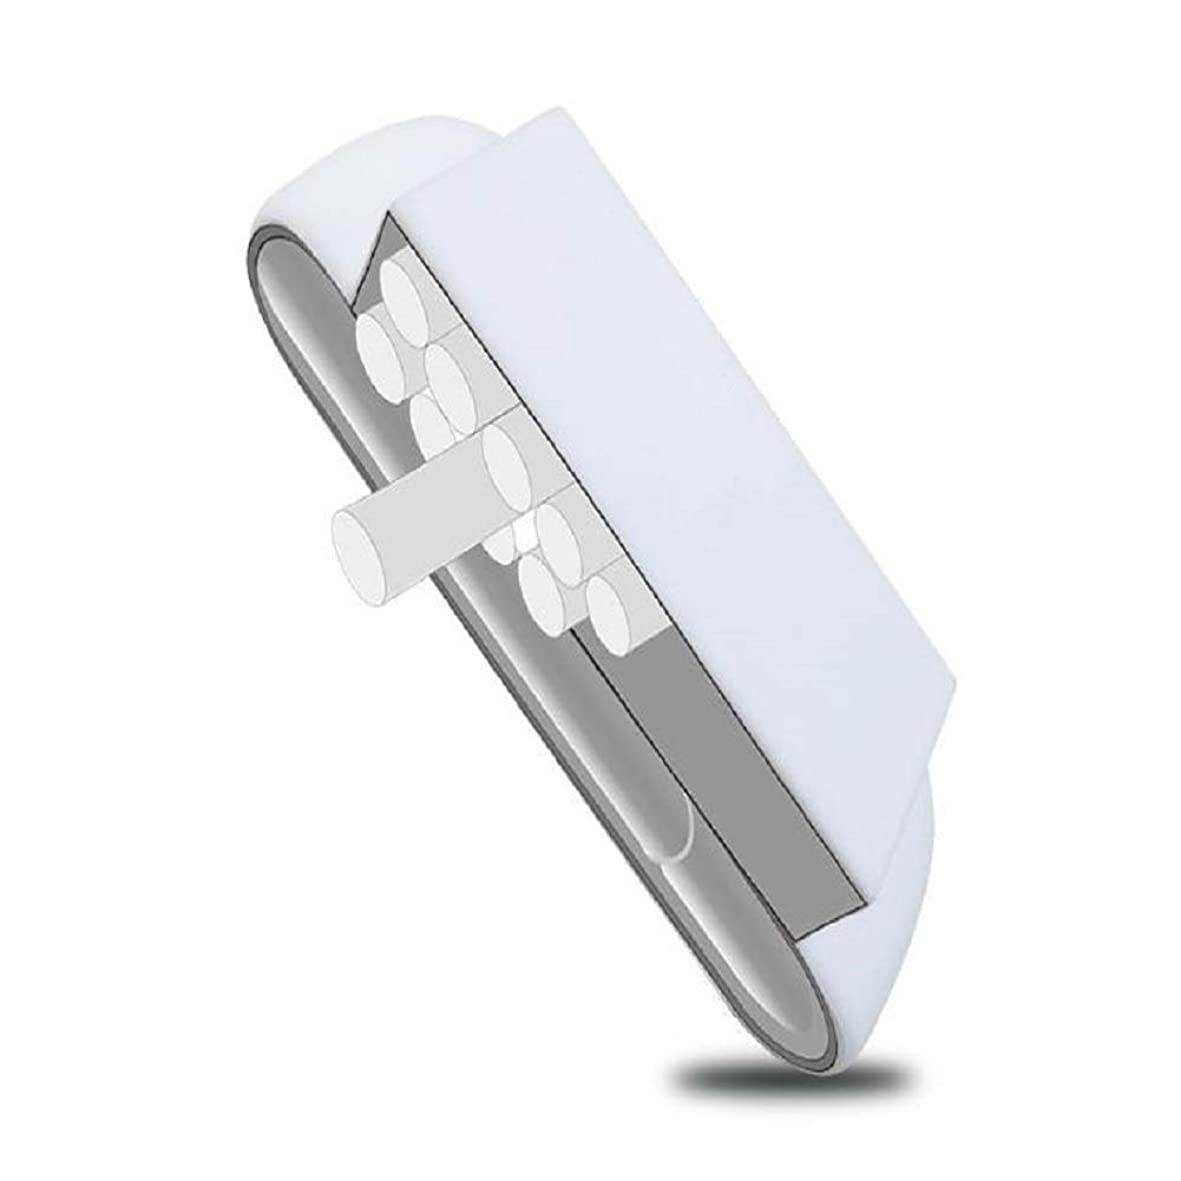 インデックス大事にするヒューバートハドソンアイコス カバー IQOS3 カートリッジ一体型 シリコン カバー ケース 保護 収納 軽量 耐衝撃 アイコス 3.0 まとめて収納 (ホワイト)